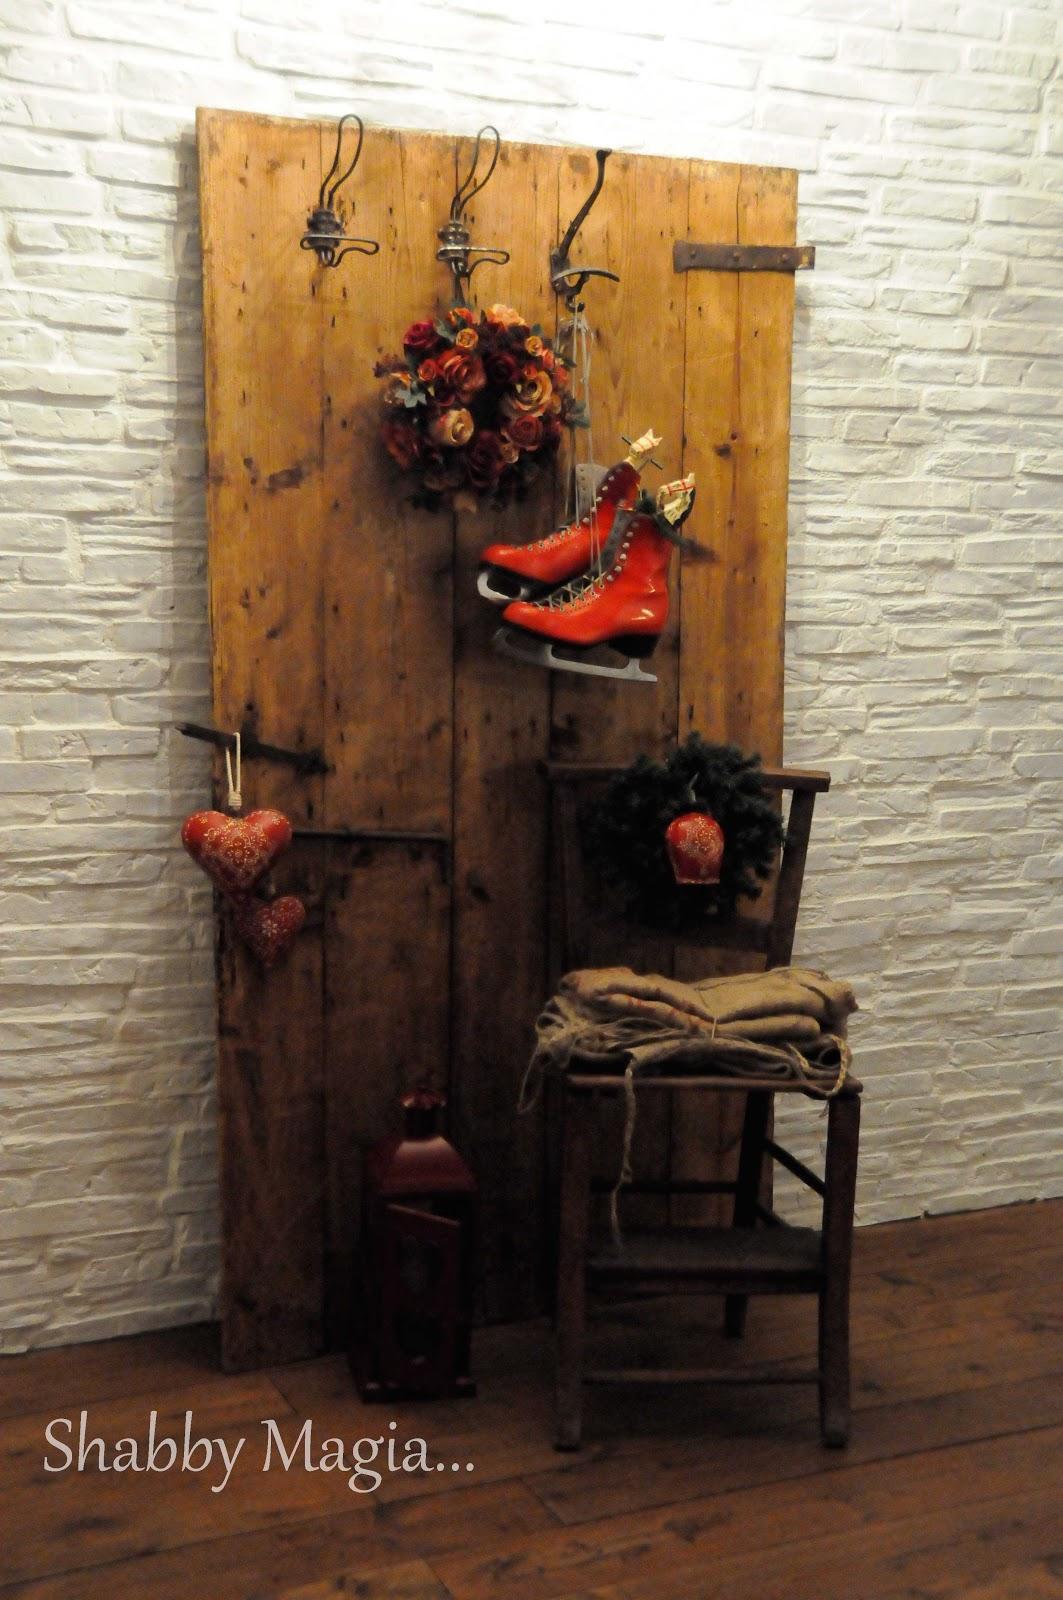 Shabby magia decorazioni vintage - Decorazioni vintage ...